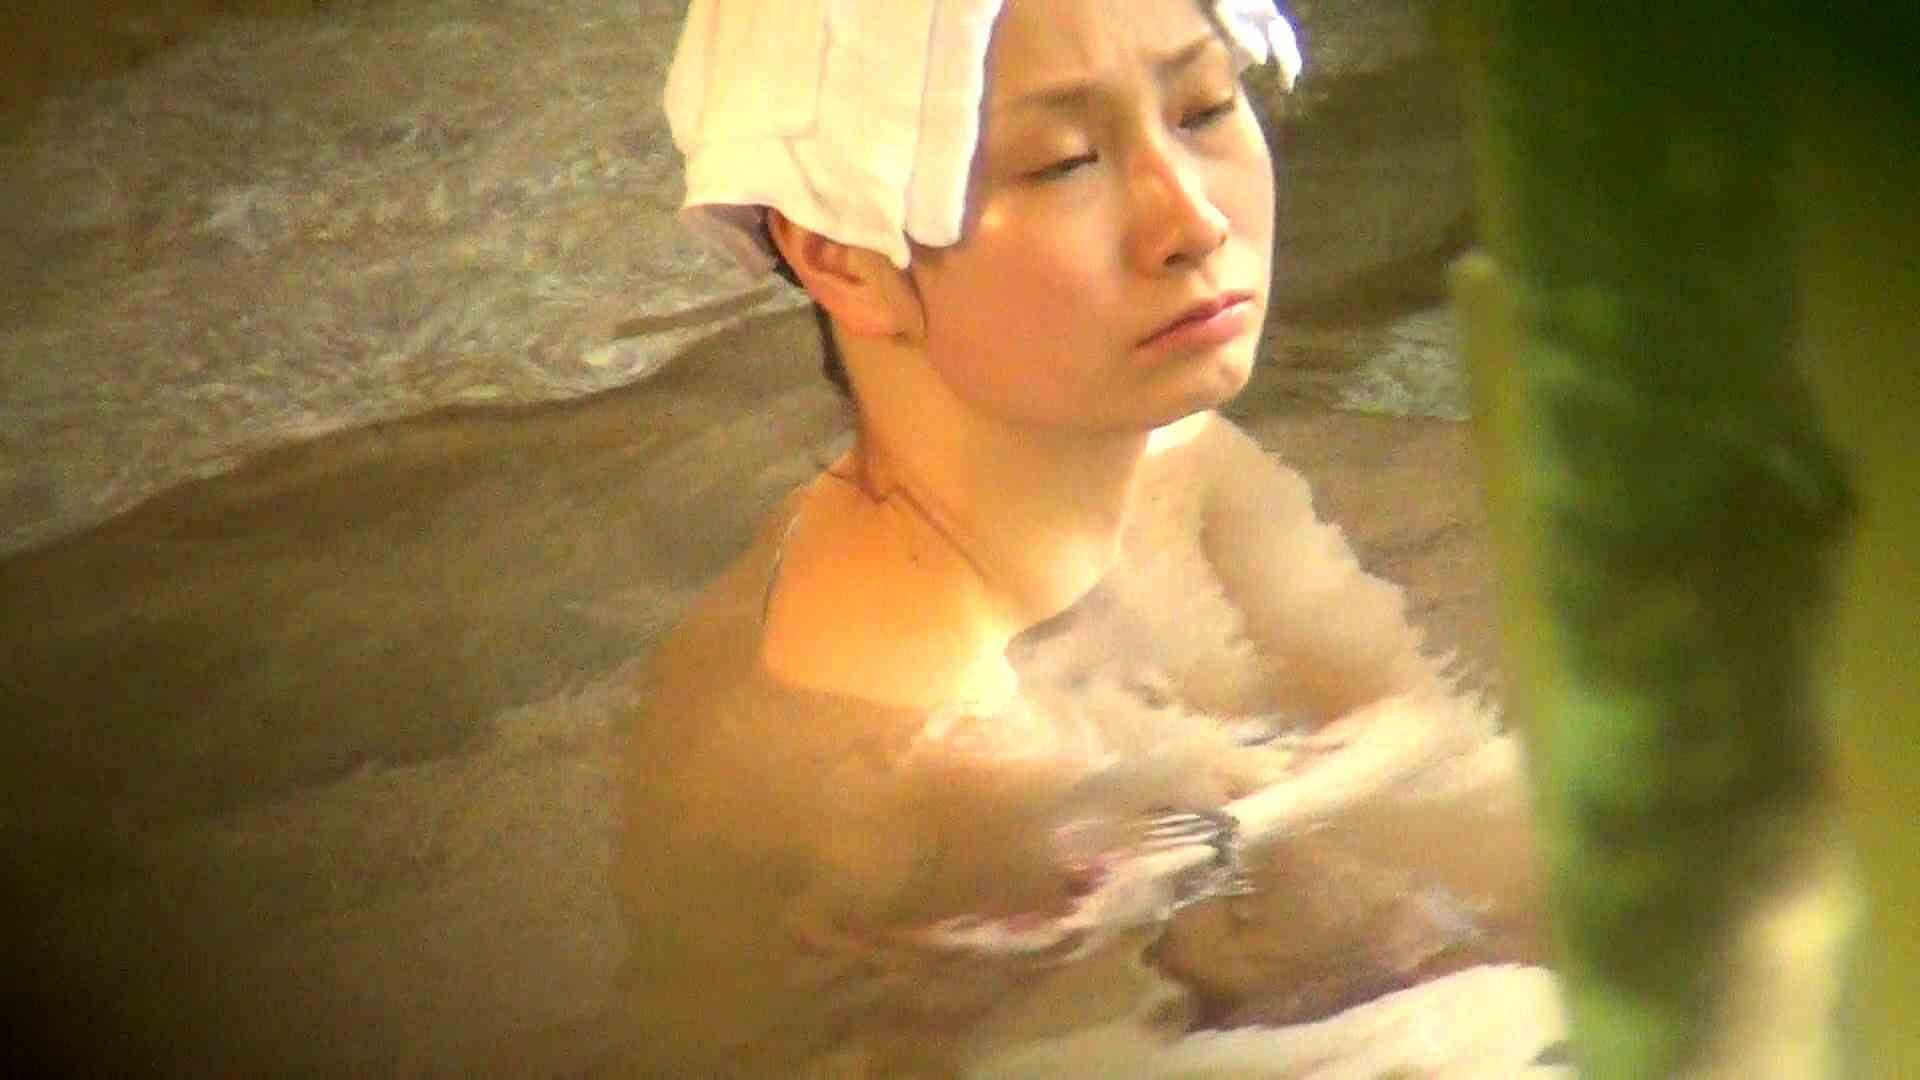 Aquaな露天風呂Vol.266 盗撮シリーズ  87PIX 84